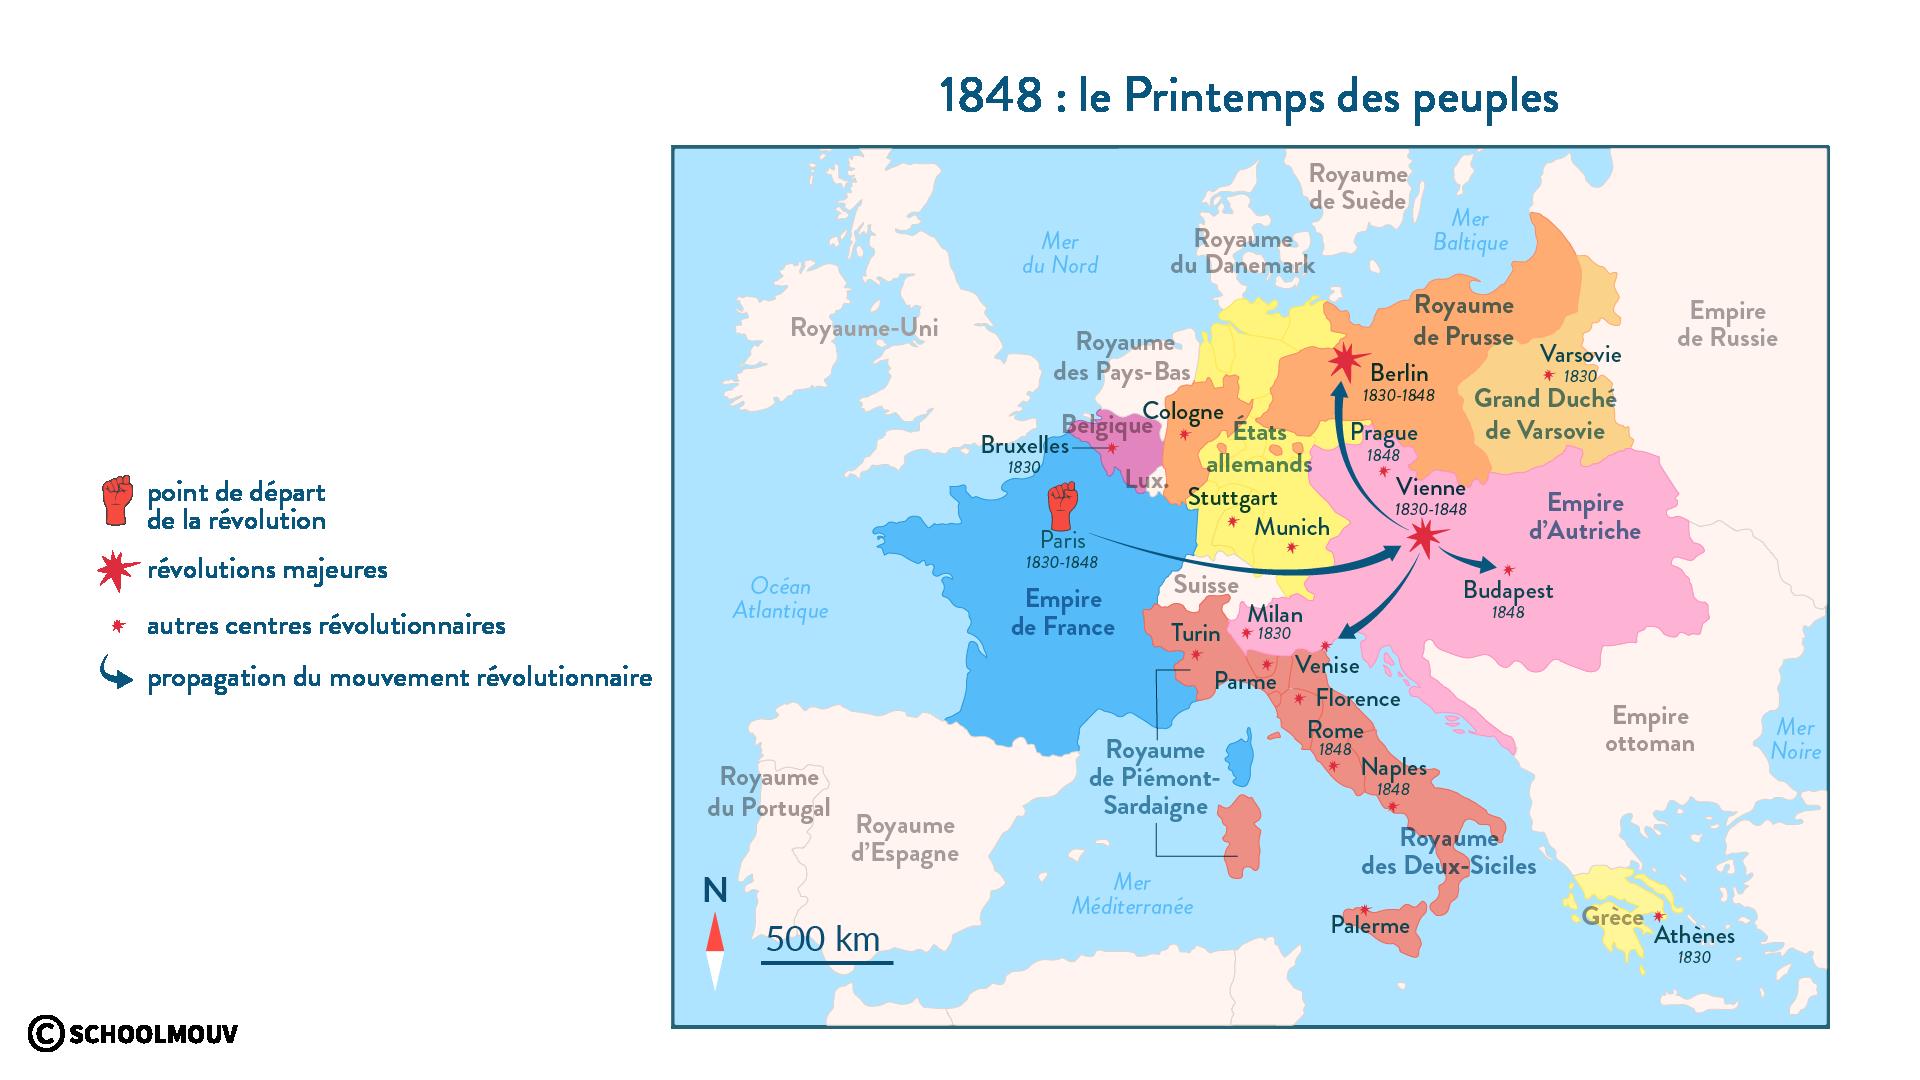 1848 : le Printemps des peuples - Histoire - 1re - SchoolMouv